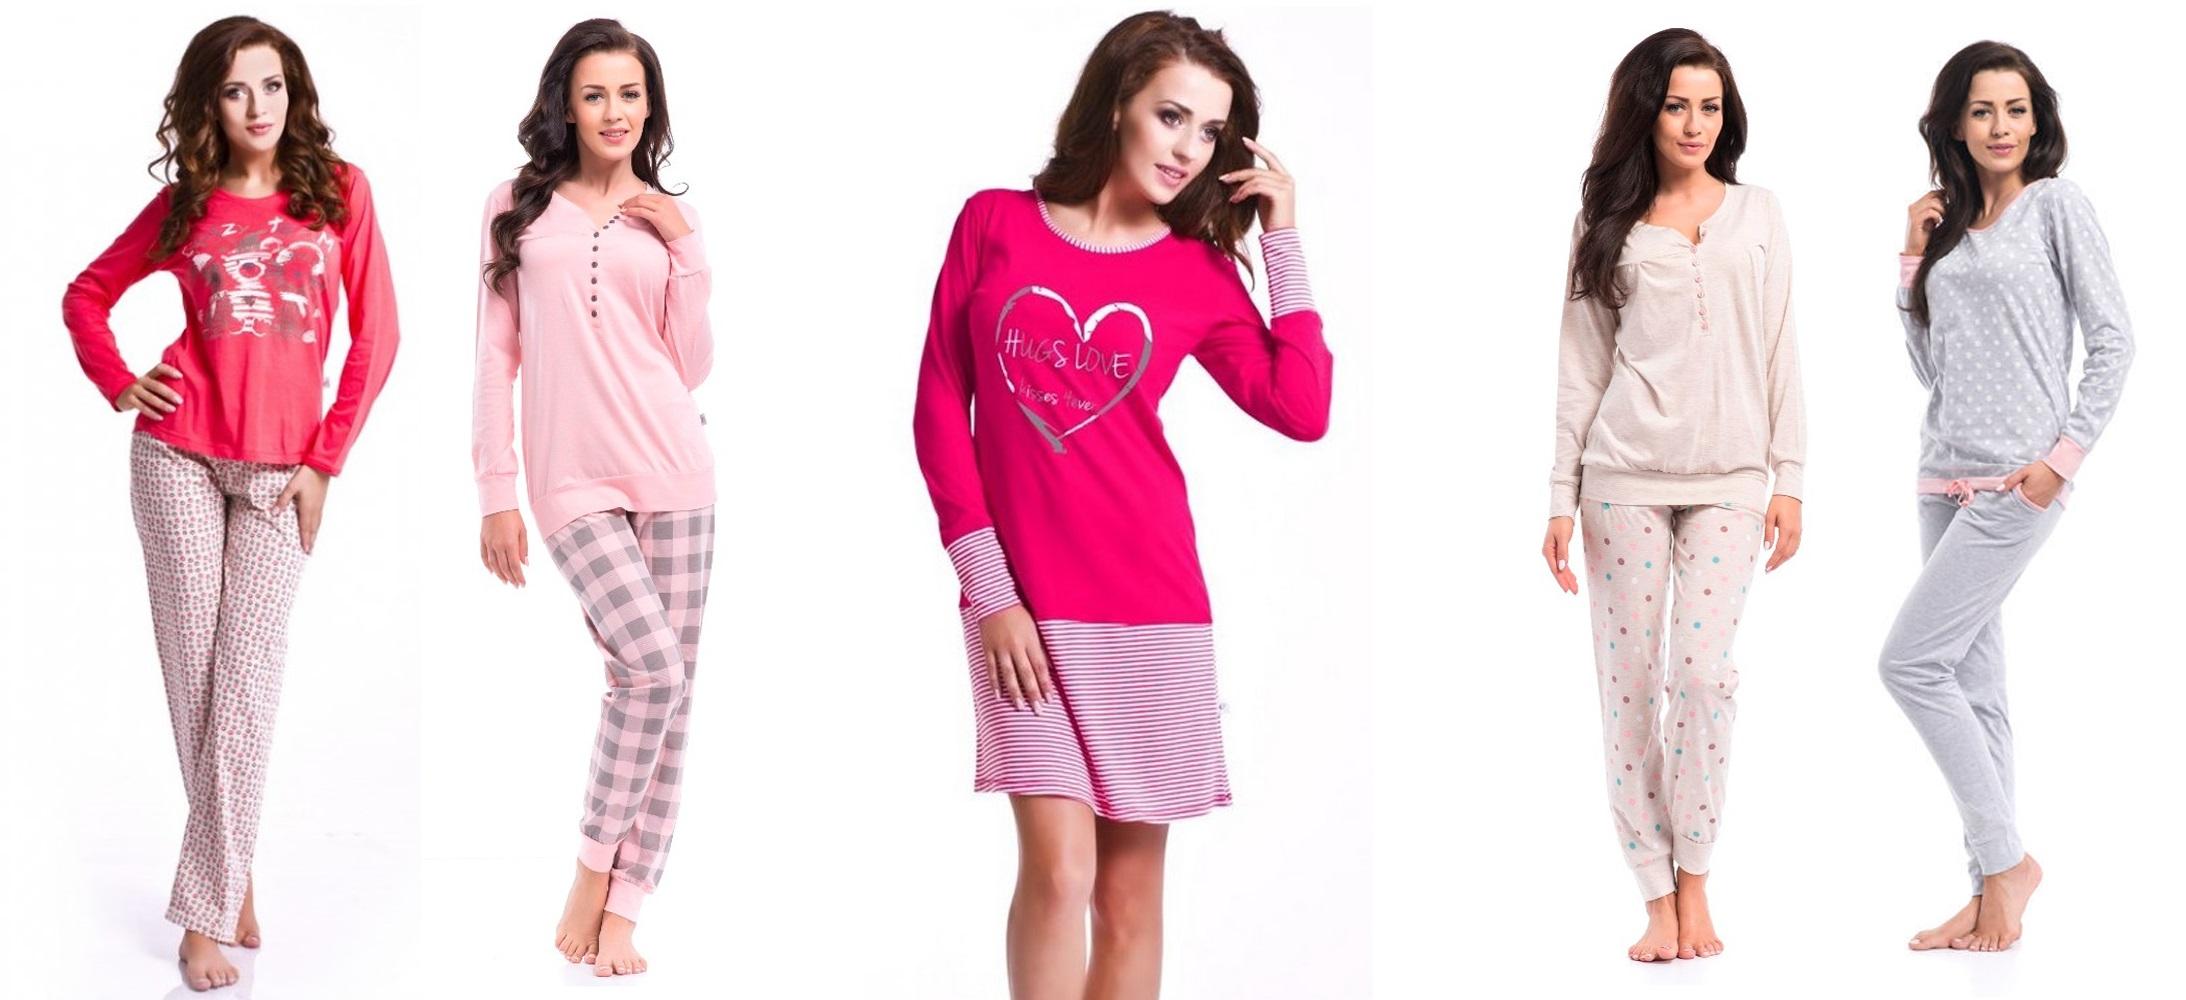 Женские сорочки женски пижамы хлопок DobraNocka купить интернет-магазин Киев